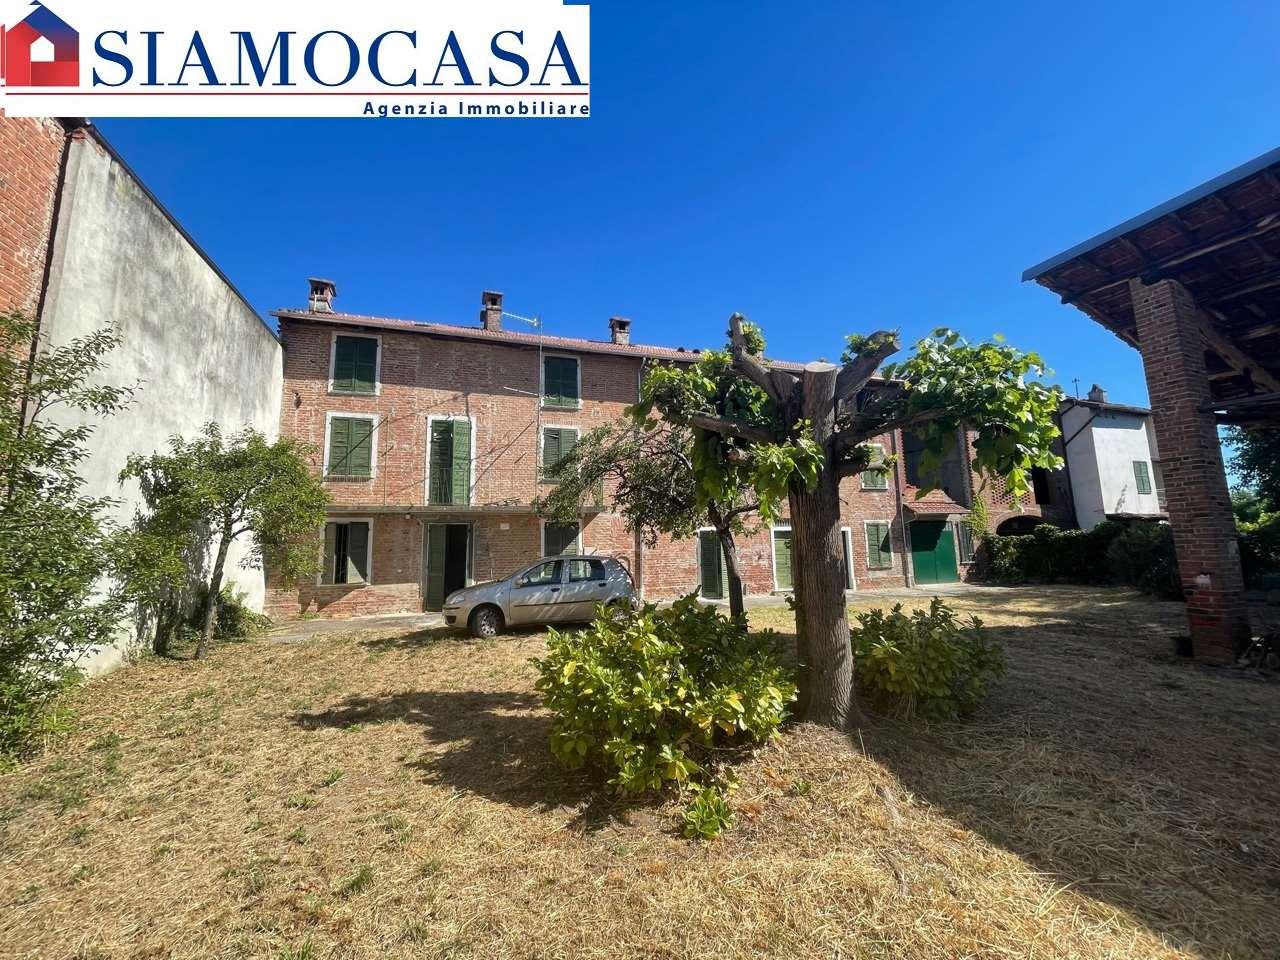 Villa in vendita a Castelnuovo Bormida, 12 locali, prezzo € 49.000   CambioCasa.it